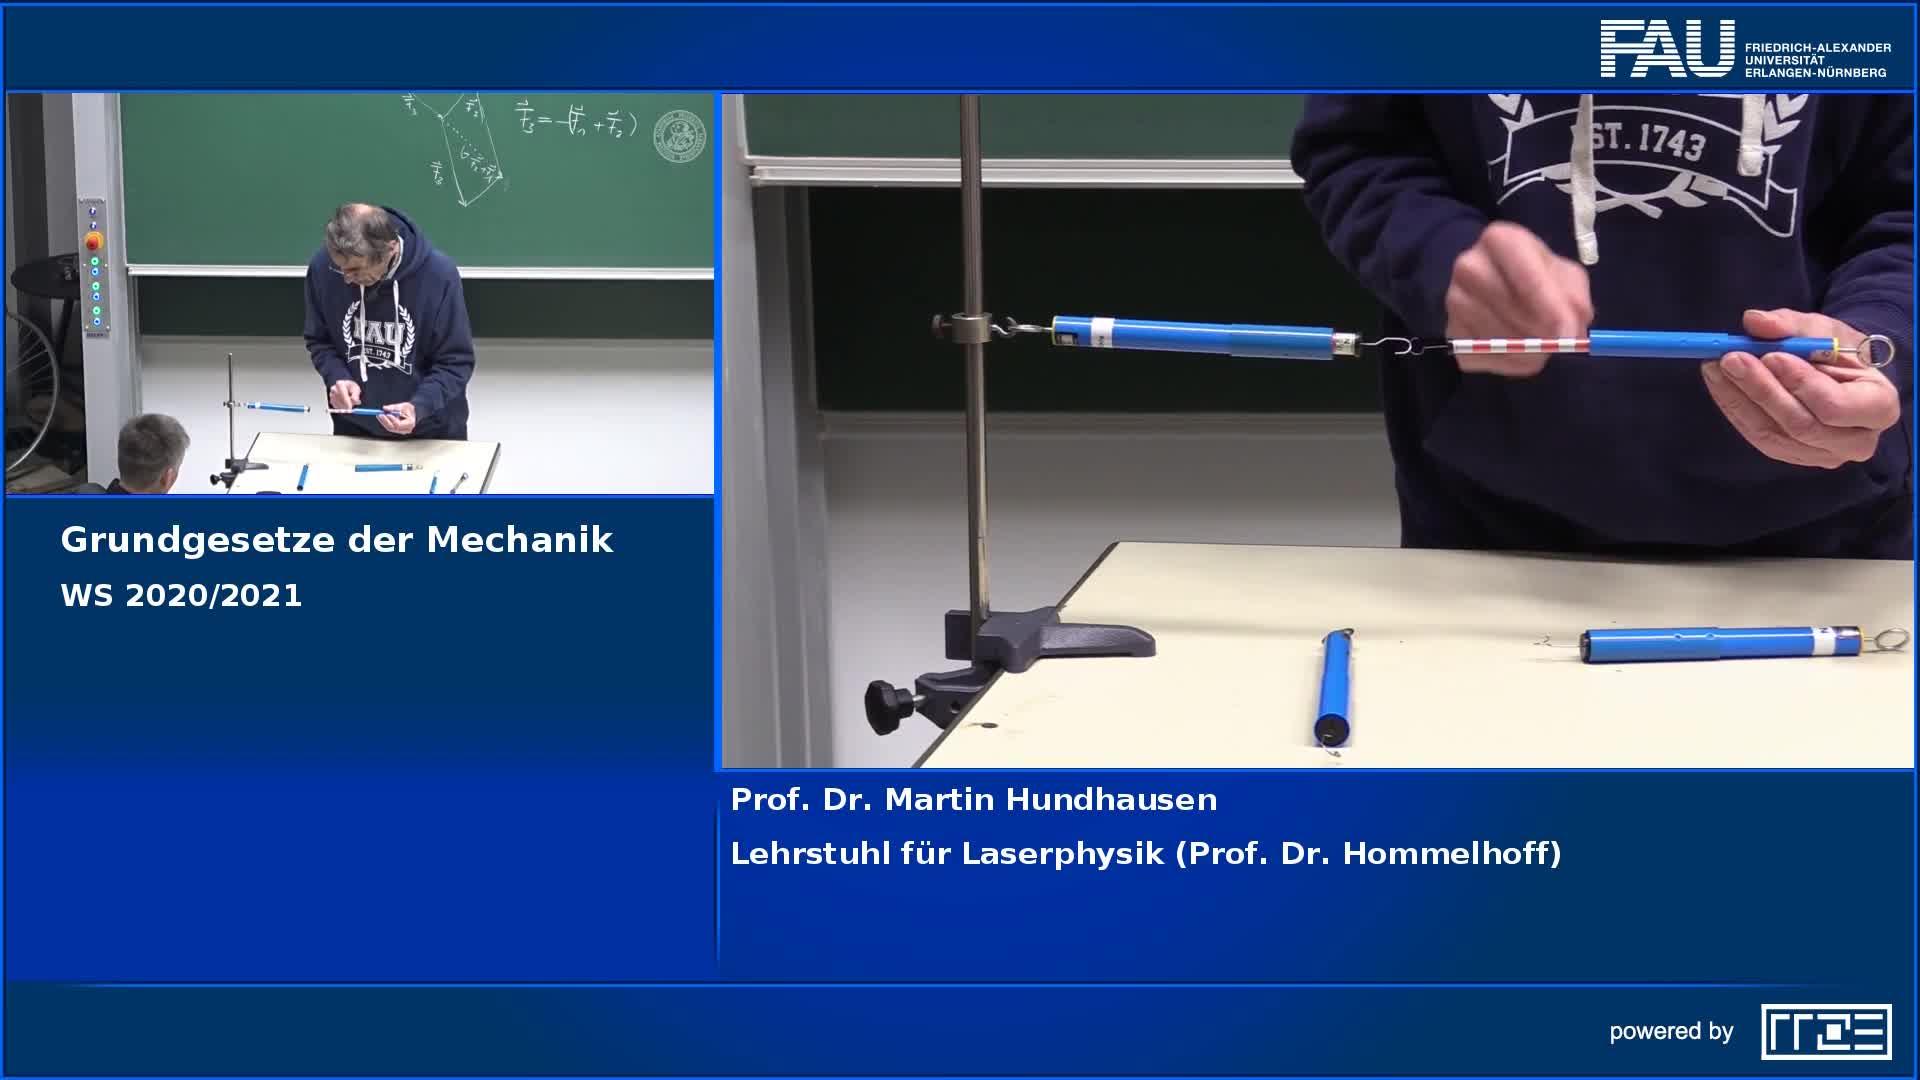 Grundgesetze der Mechanik preview image